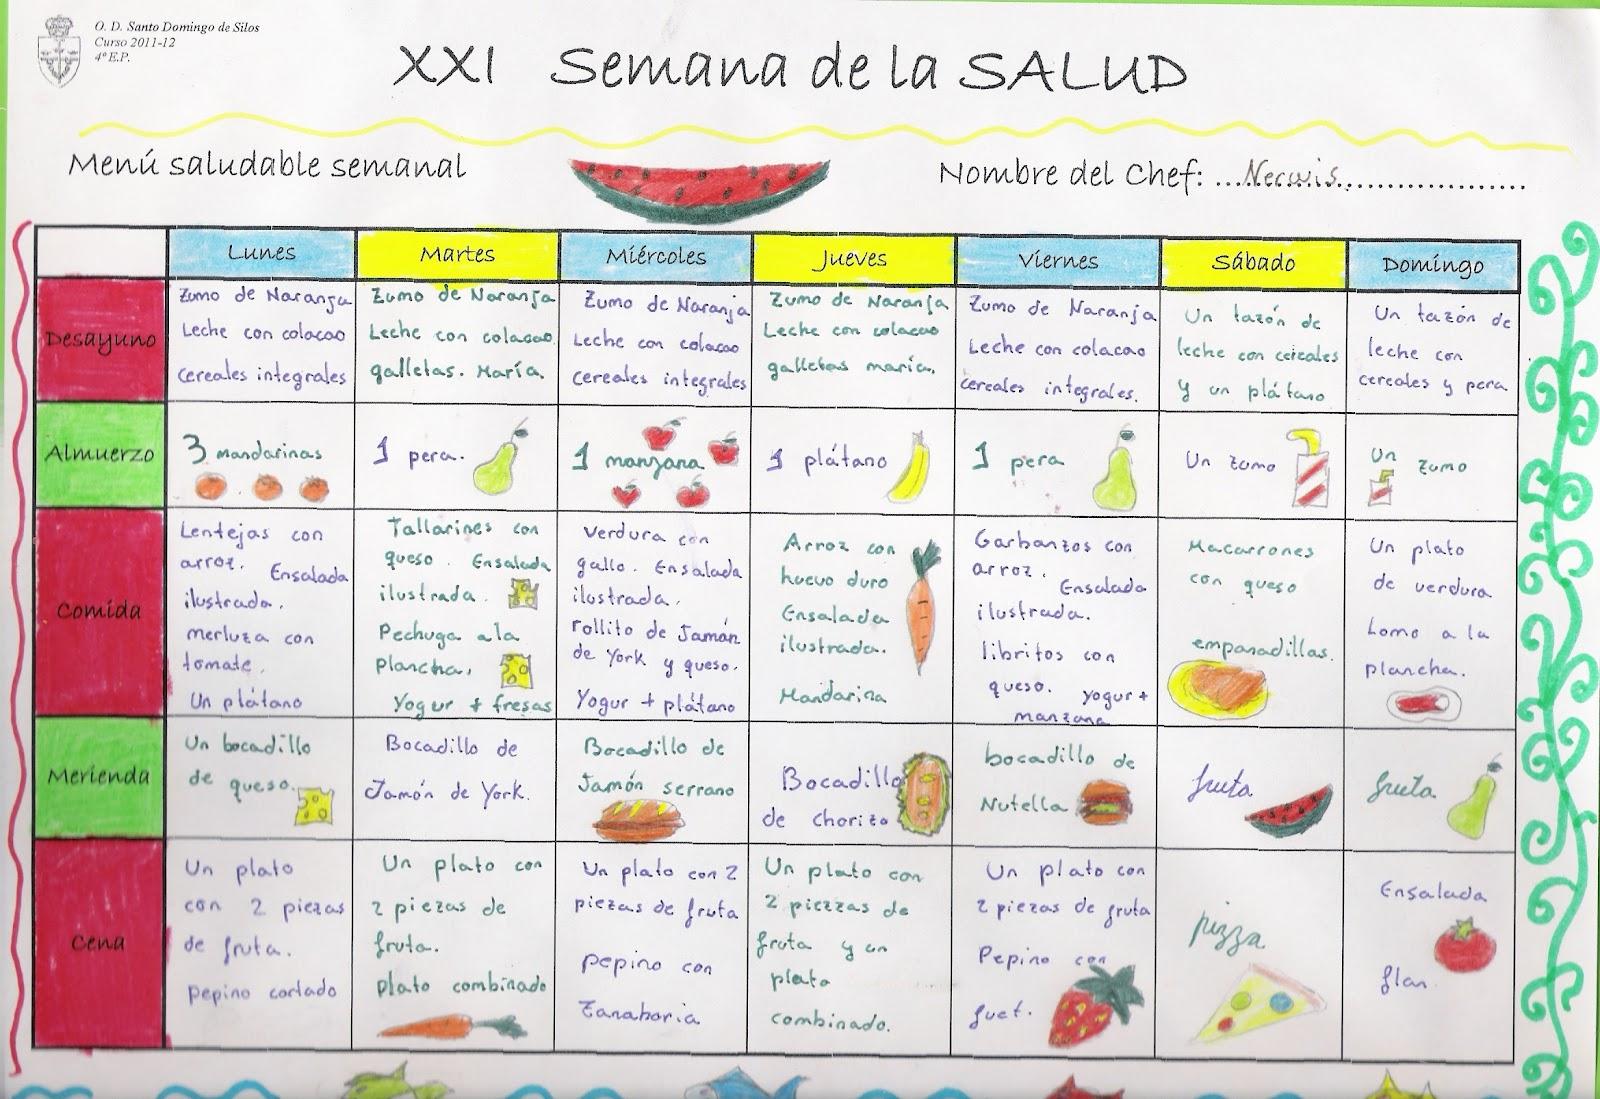 Nuestra nave tic proyecto men saludable for Almuerzo en frances